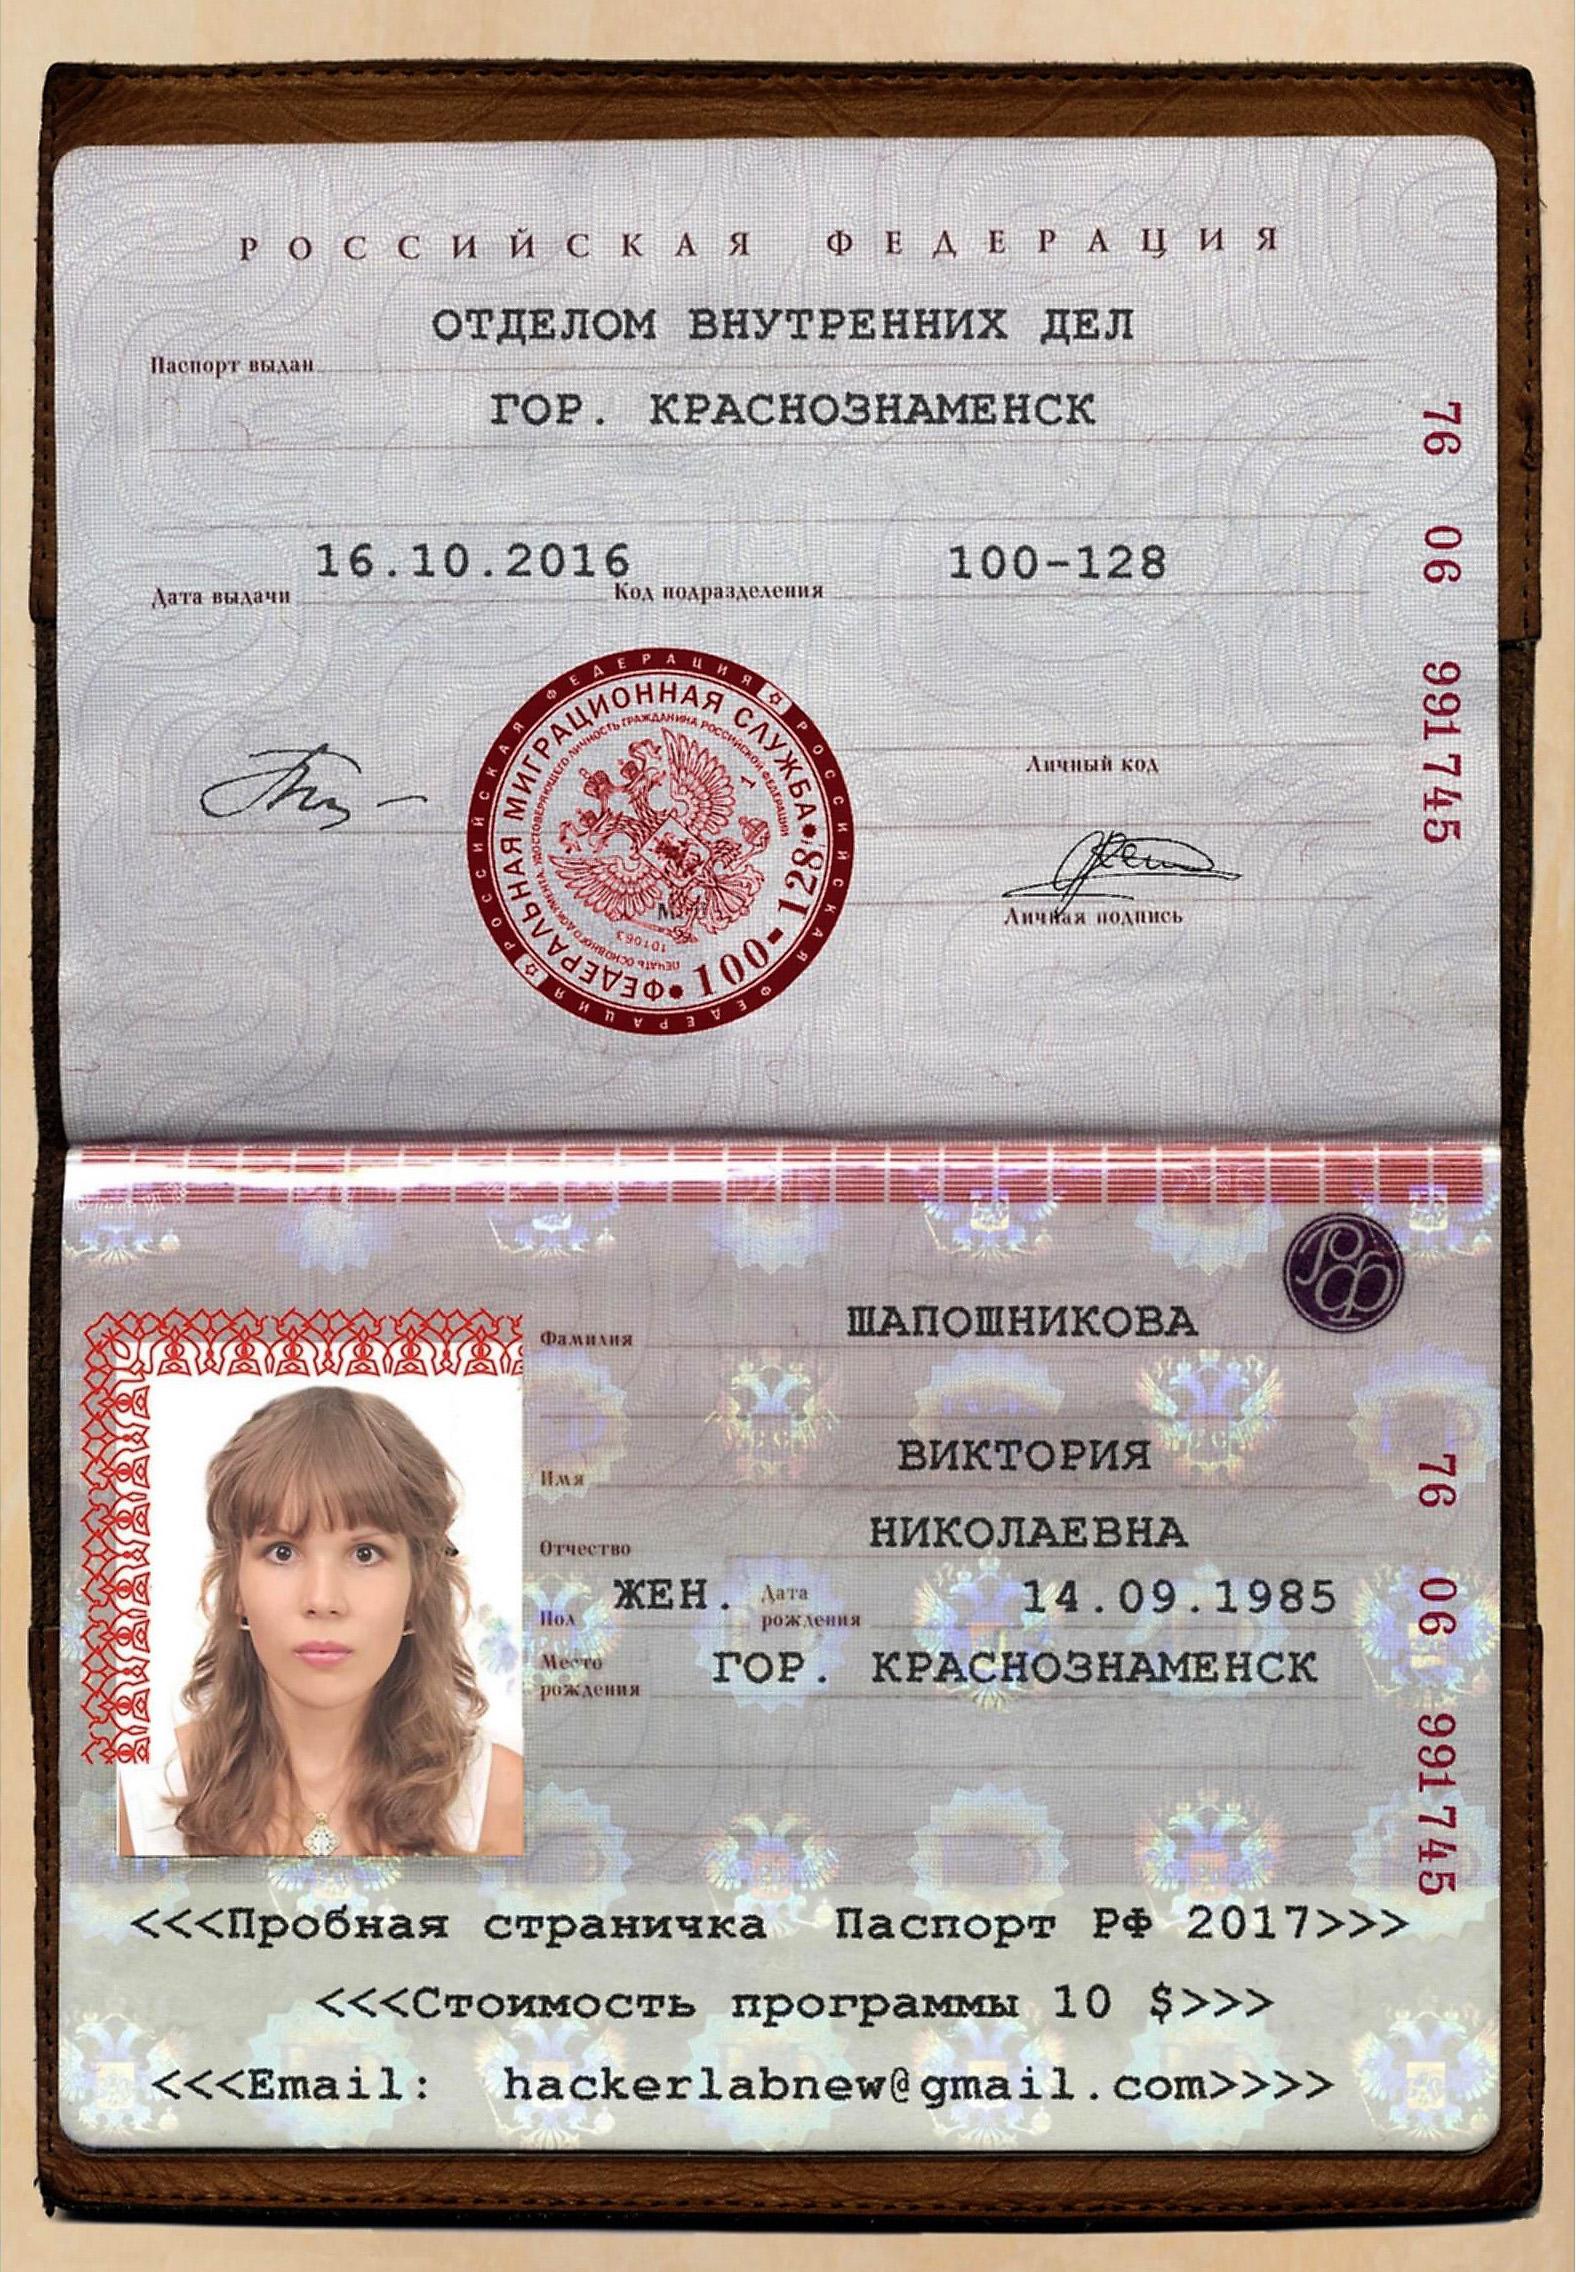 Скан паспорта рф